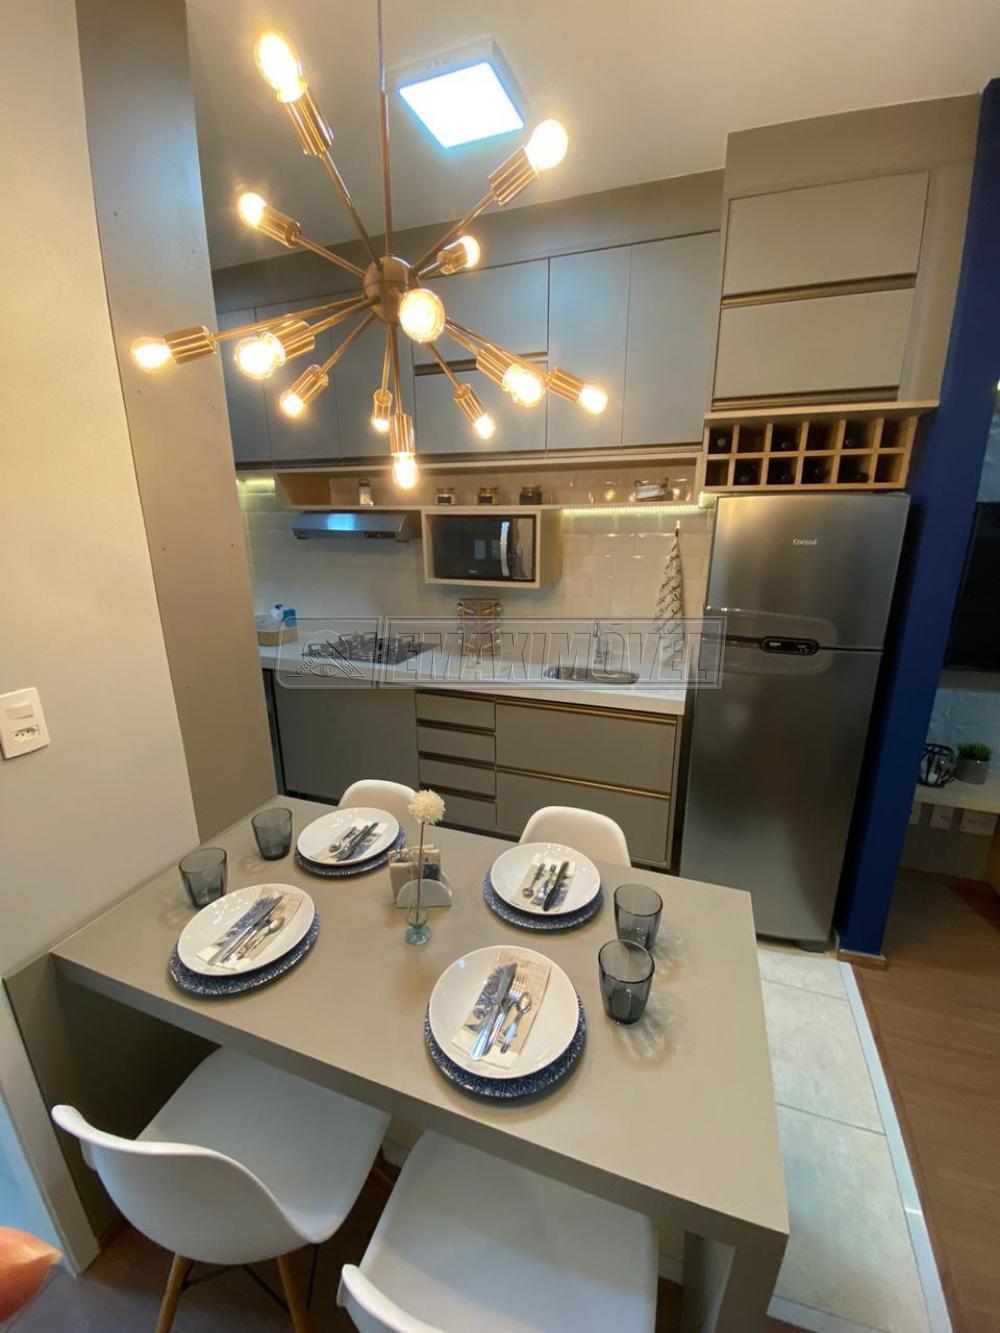 Comprar Apartamentos / Apto Padrão em Sorocaba R$ 143.900,00 - Foto 6